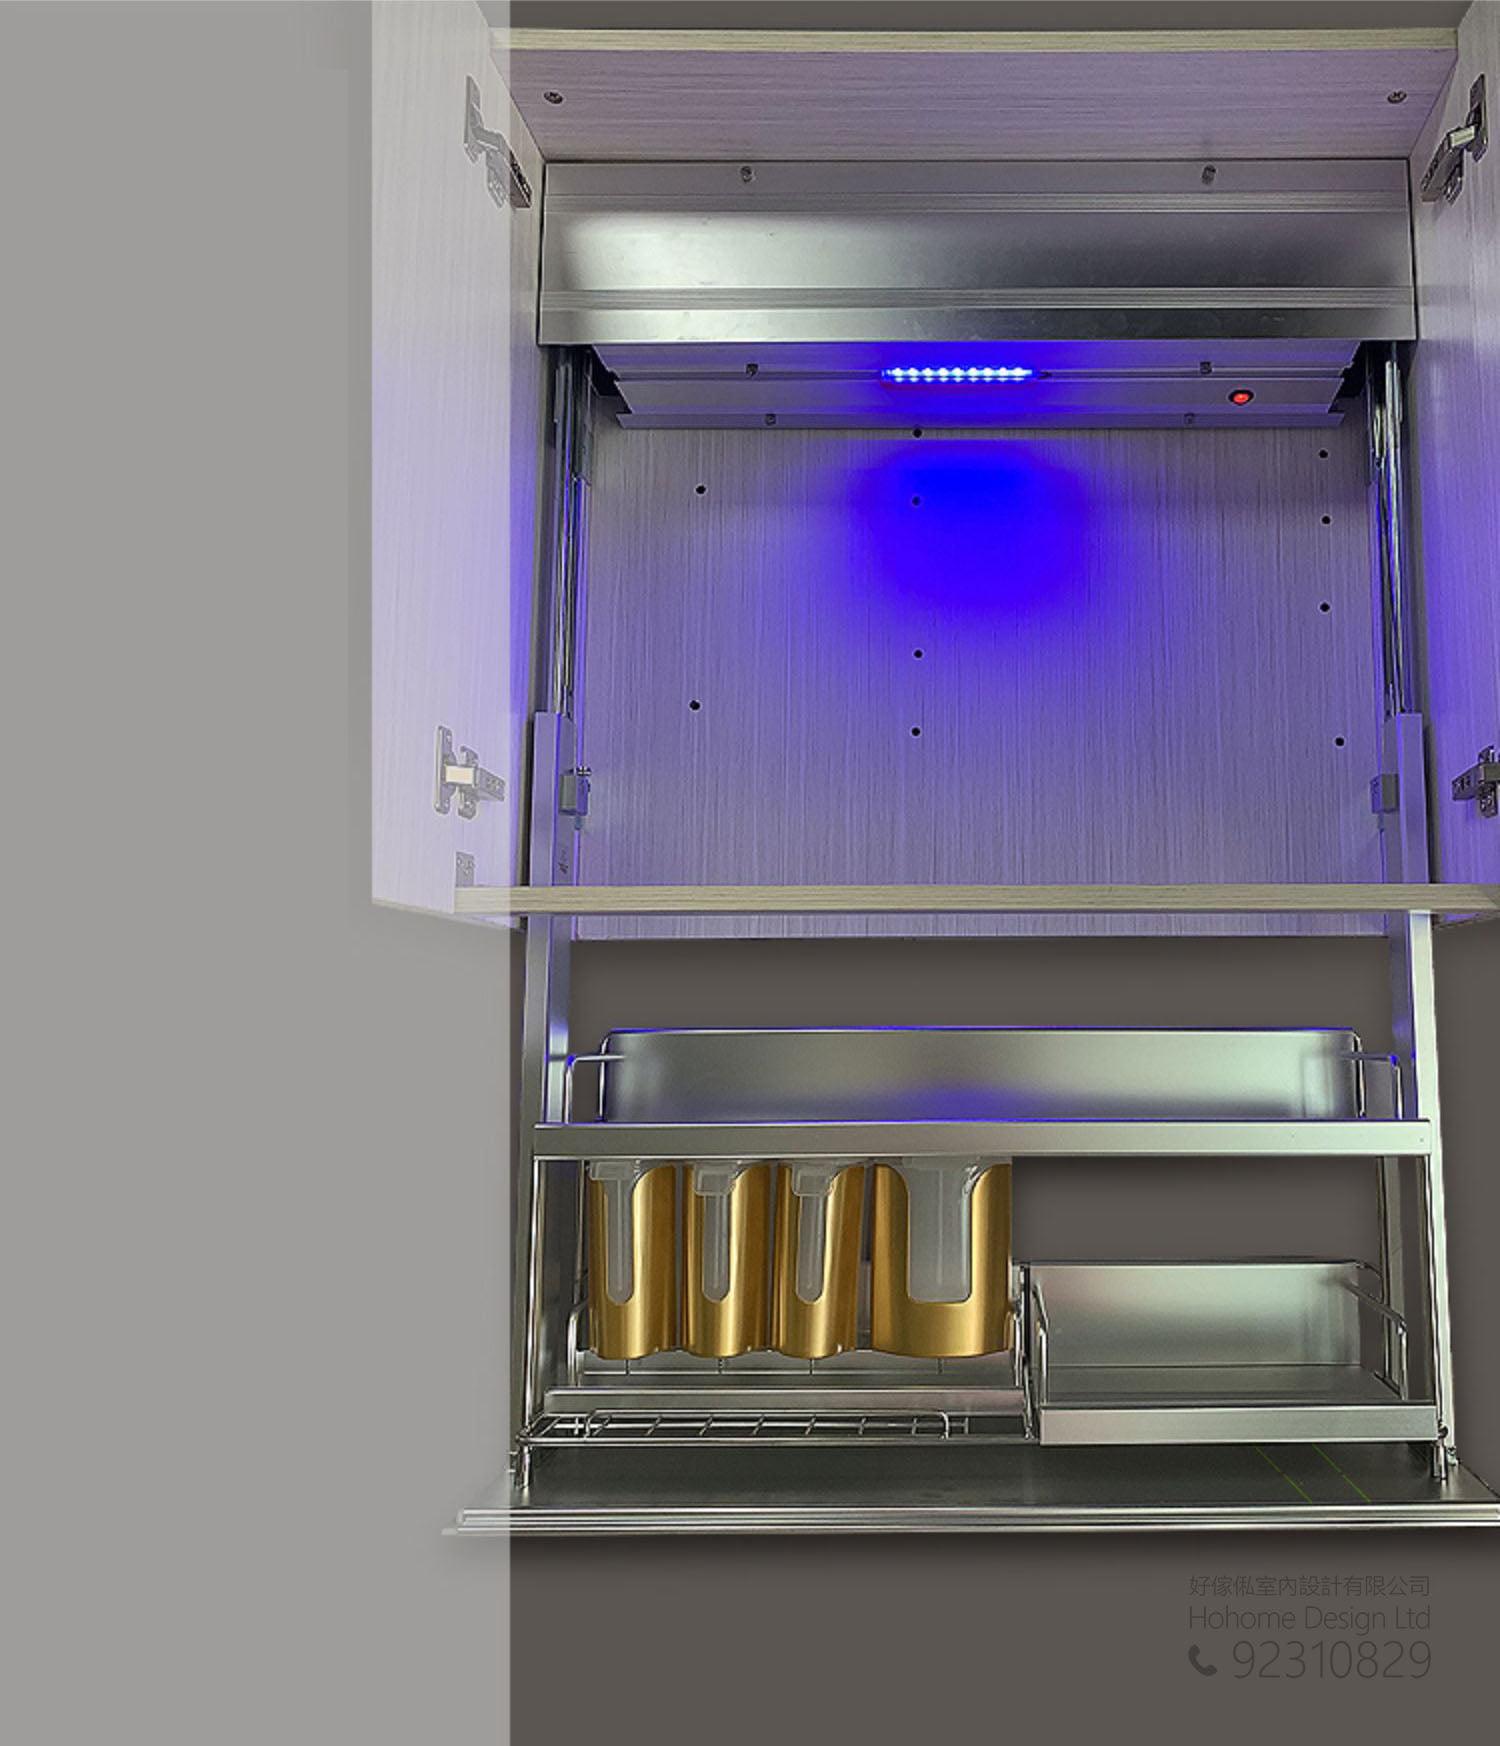 智能家居電動升降系統 衣櫃廚櫃升降吊櫃五金配件,適合應用在訂造衣櫃、儲物櫃、智能家居 / 智能家具、書櫃、電視櫃及廚櫃或其他由我們設計師建議的訂造傢俬之上